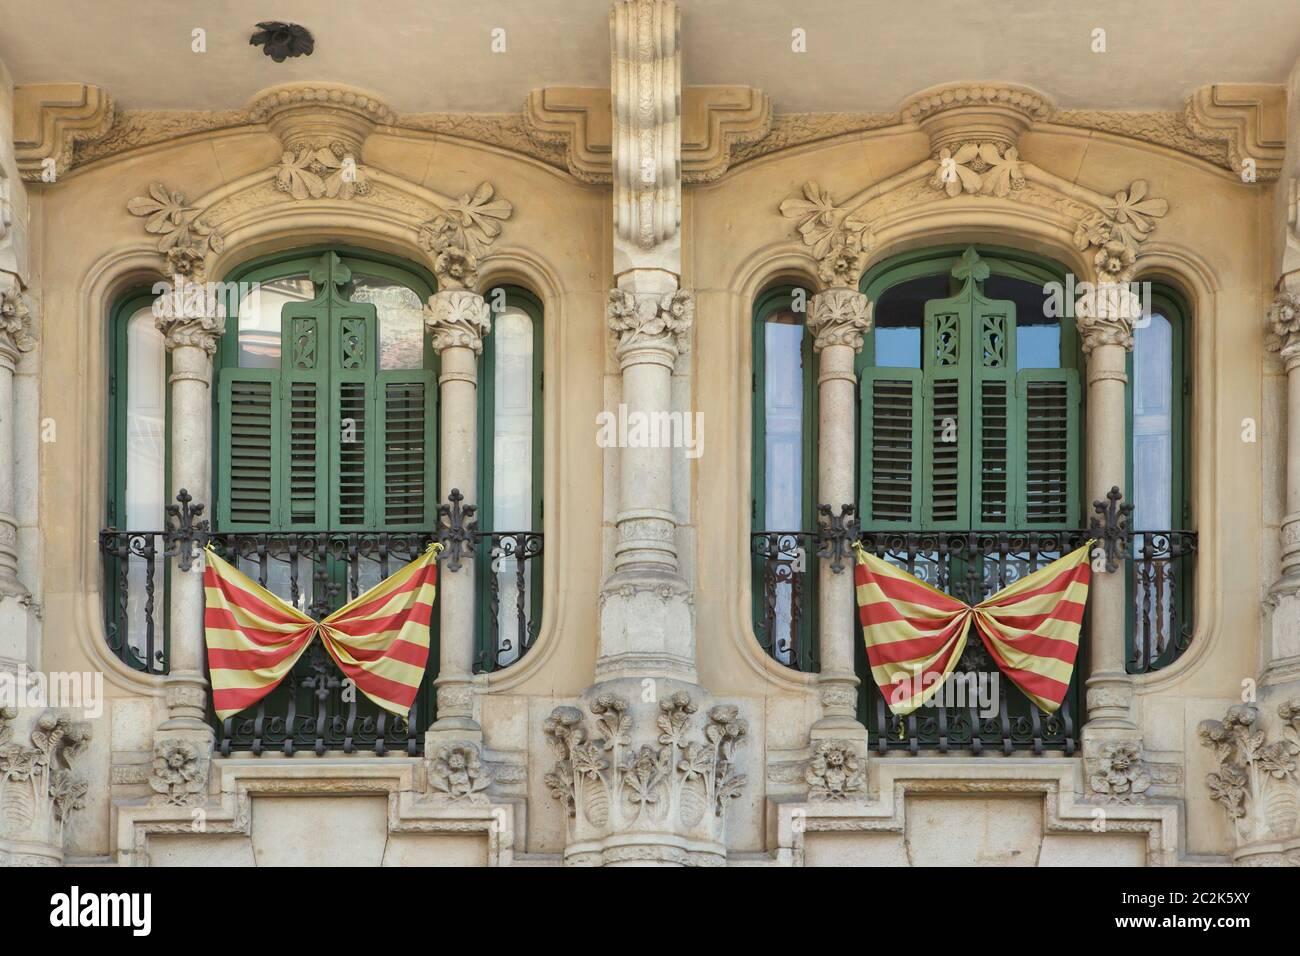 Drapeaux nationaux catalans placés sur les balcons français des caisses Ramos à Barcelone, Catalogne, Espagne. Le bâtiment conçu par l'architecte moderniste catalan Jaume Torres i Grau a été construit entre 1906 et 1908 sur la Plaça de Lesseps (Plaza de Lesseps). Banque D'Images